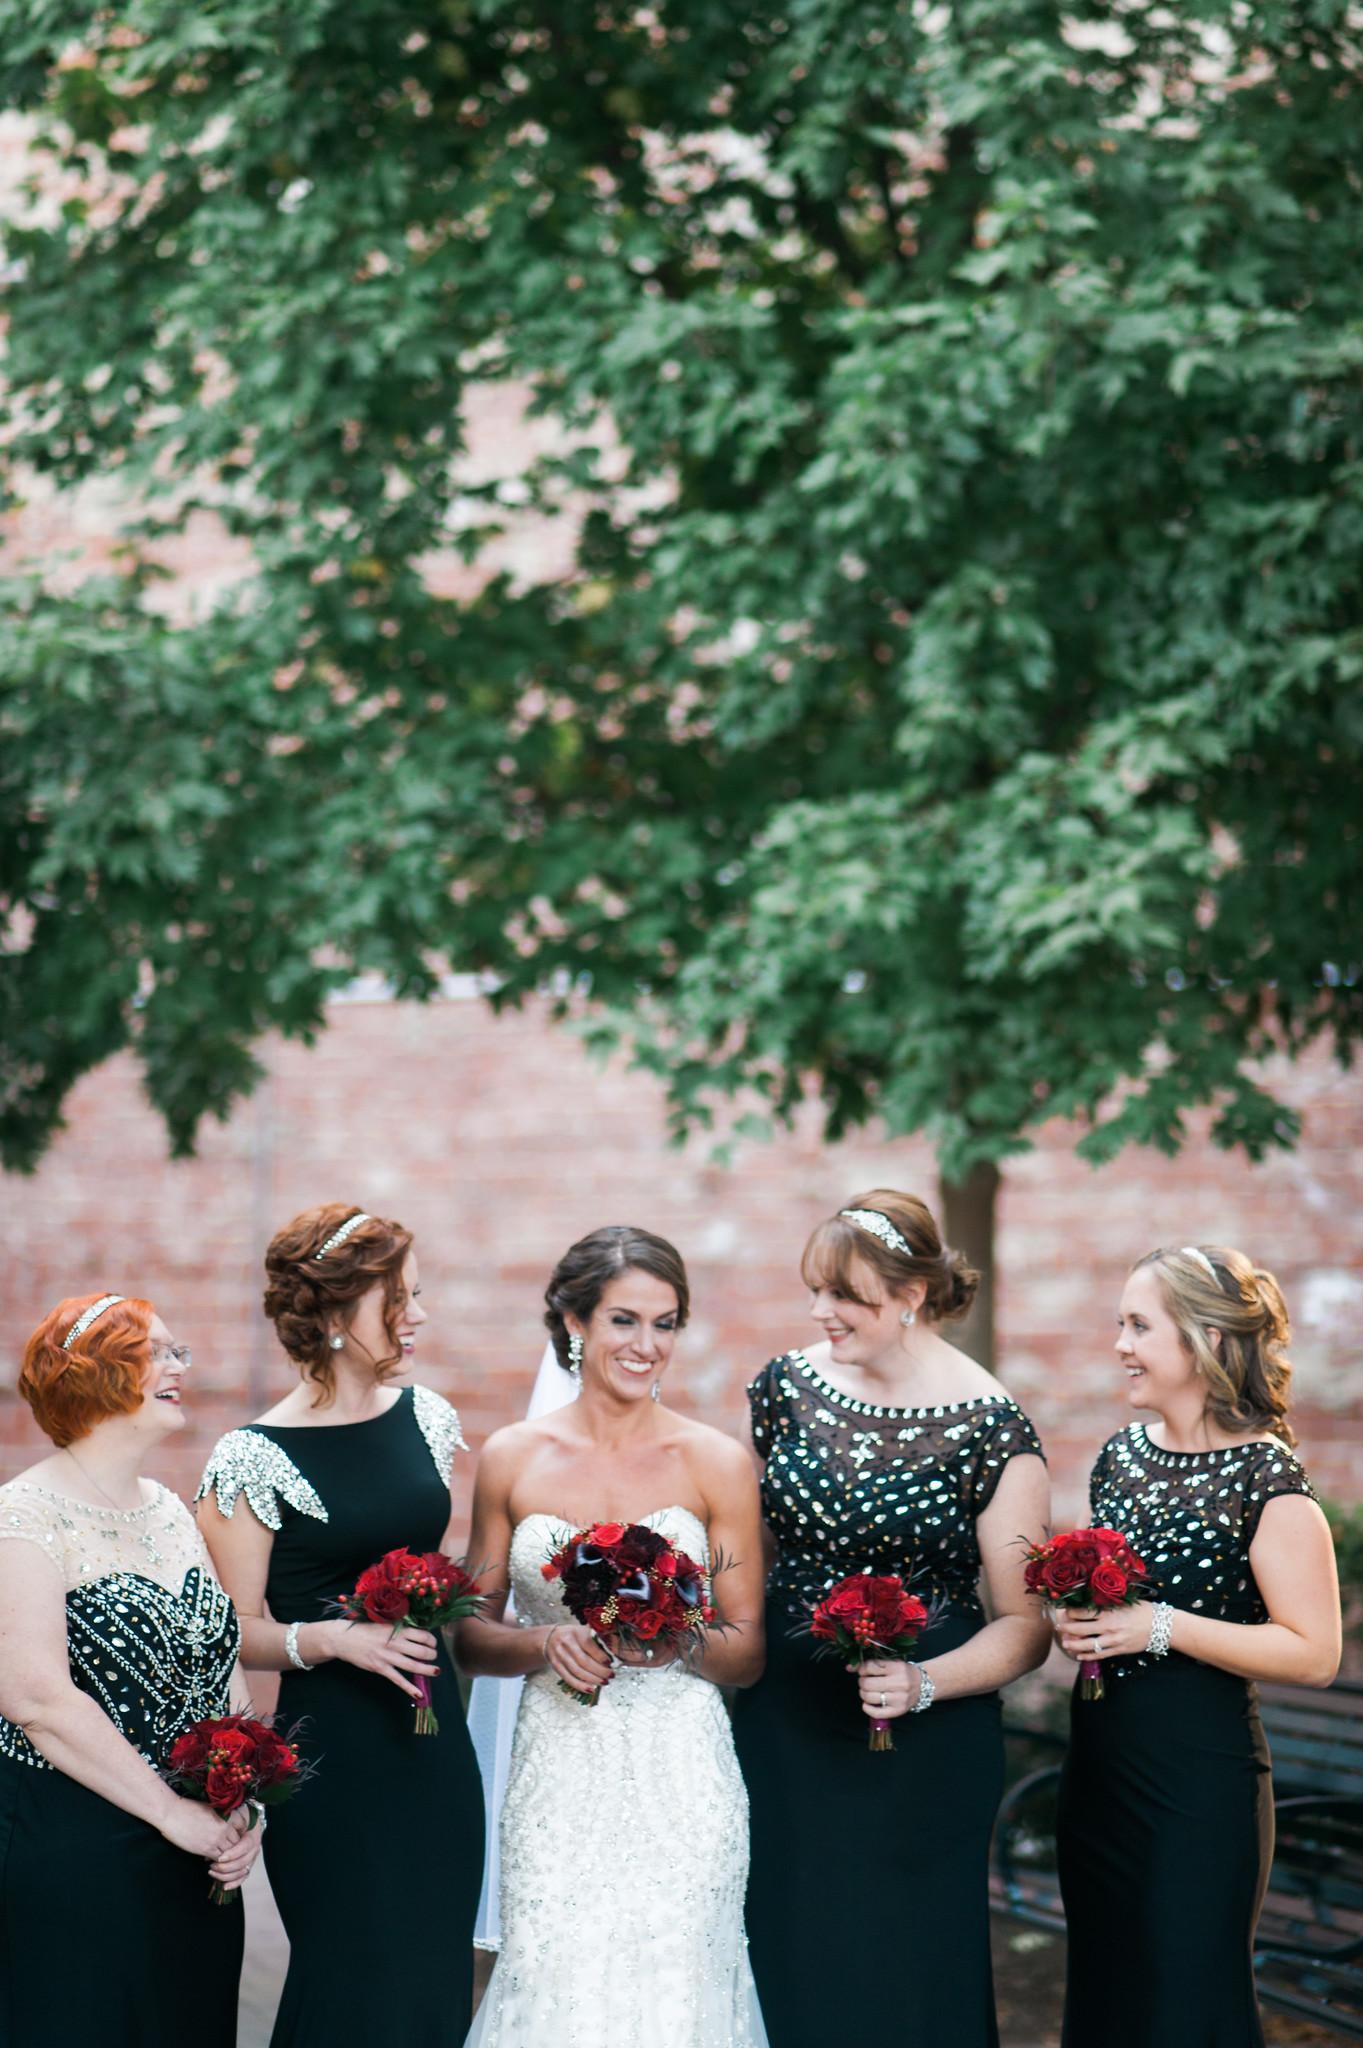 hoke-wedding-090-X4.jpg